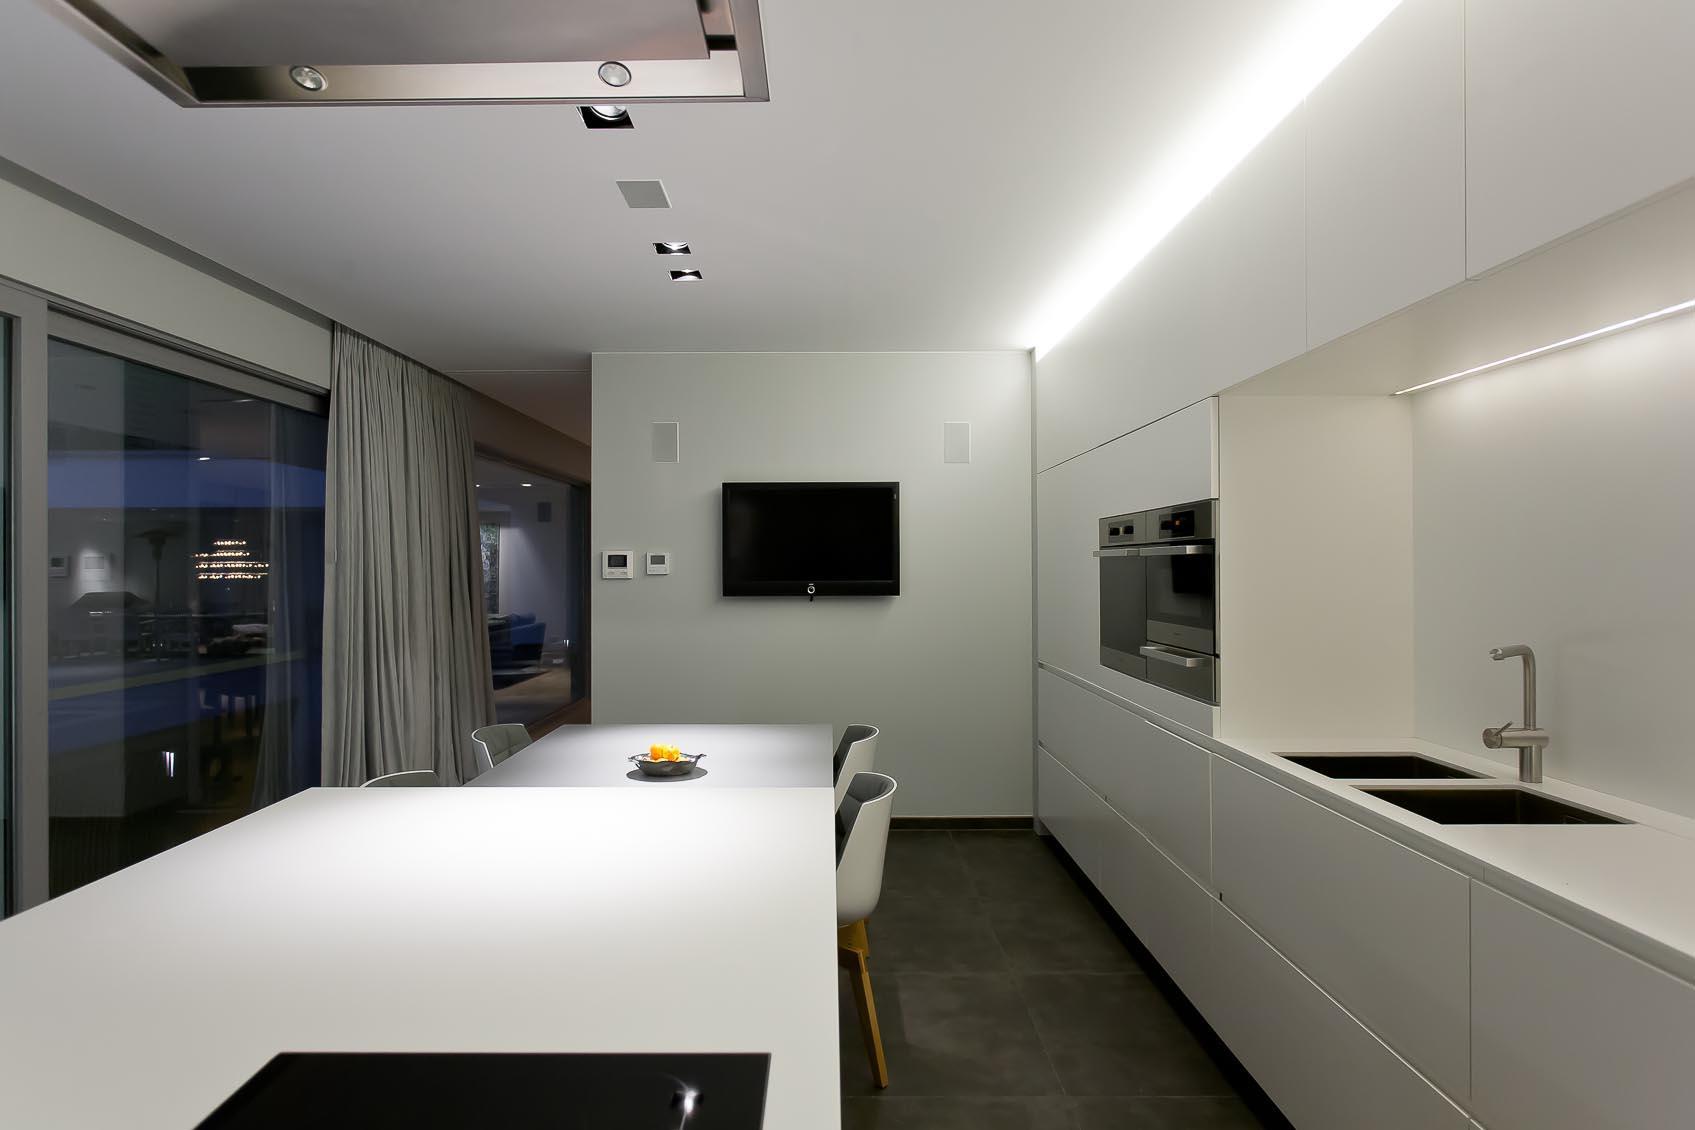 Inbouwspotjes Keuken : Keuken inbouwspots led spots keukens cf